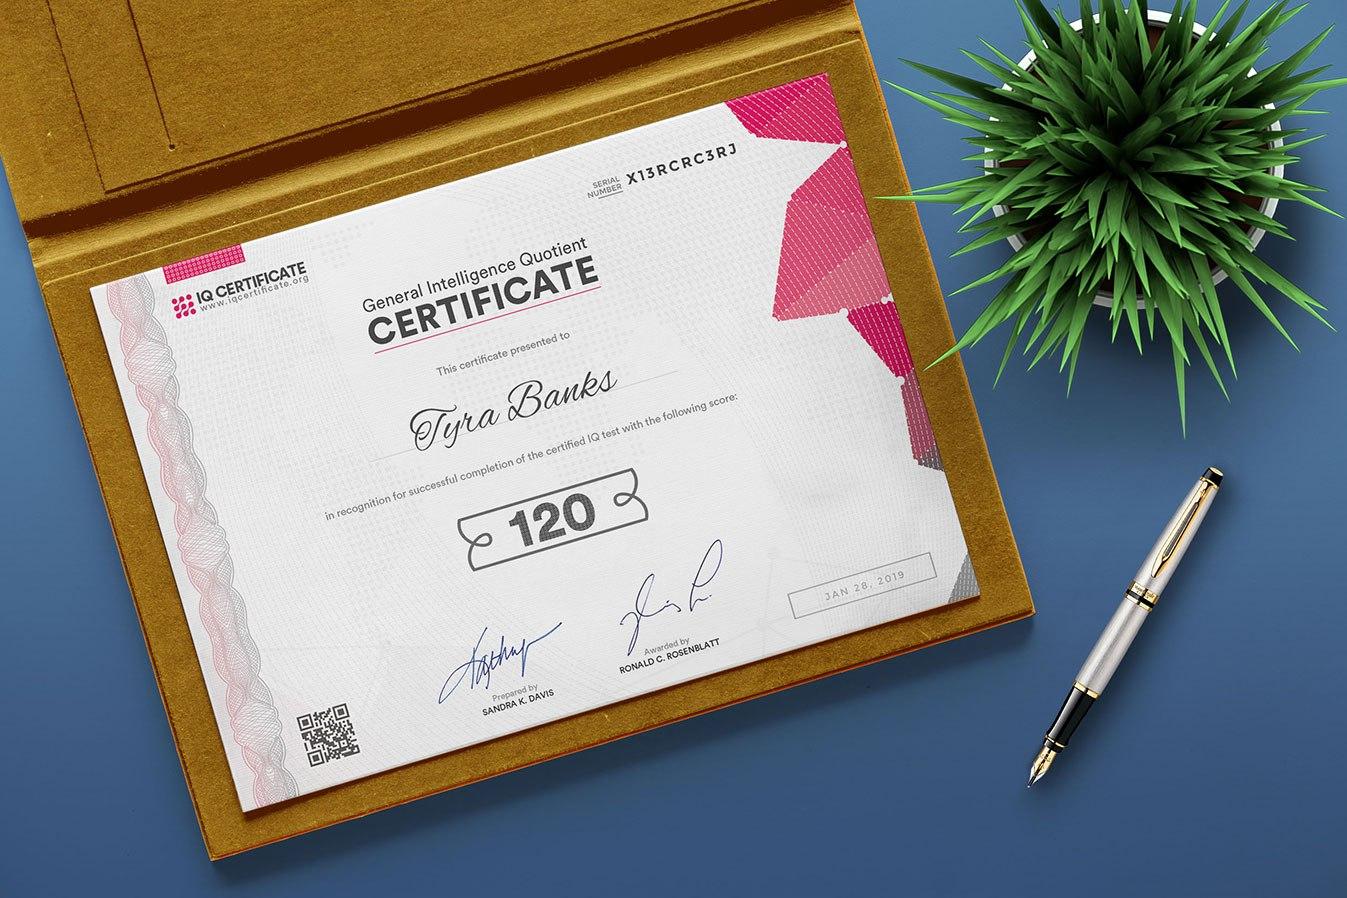 Sample Iq Certificate  Get Your Iq Certificate With Regard To Iq Certificate Template